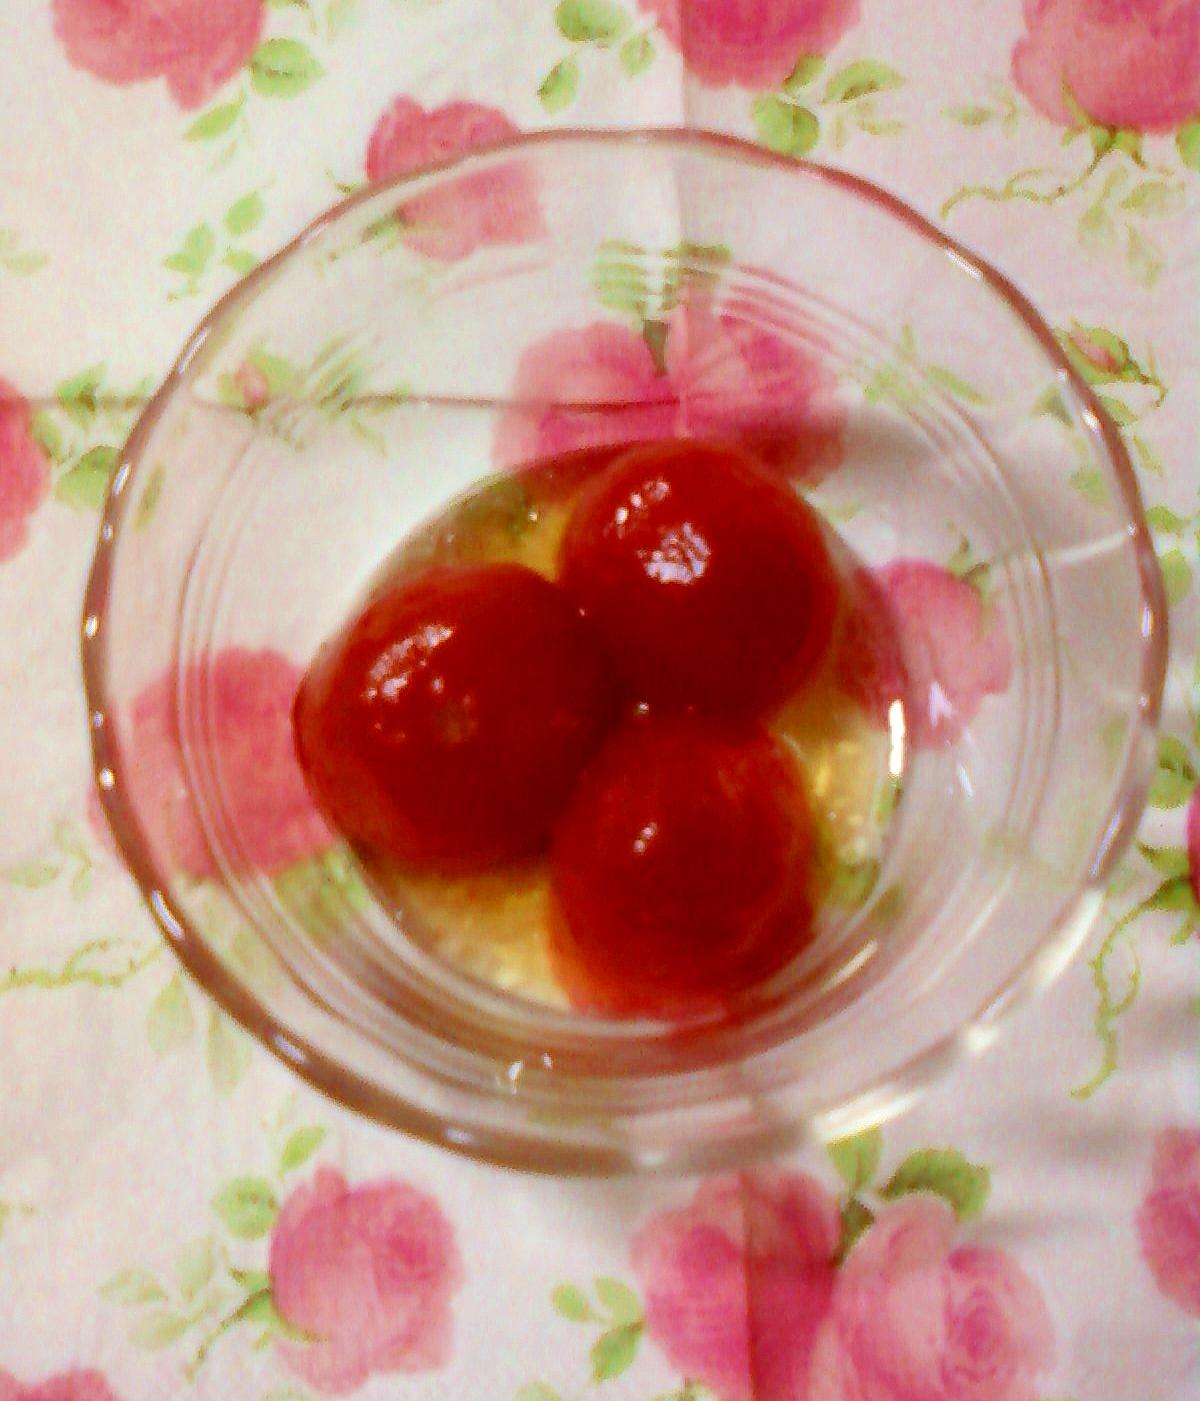 ☆*:・手軽に出来る☆ミニトマトのマリネ☆*:・☆